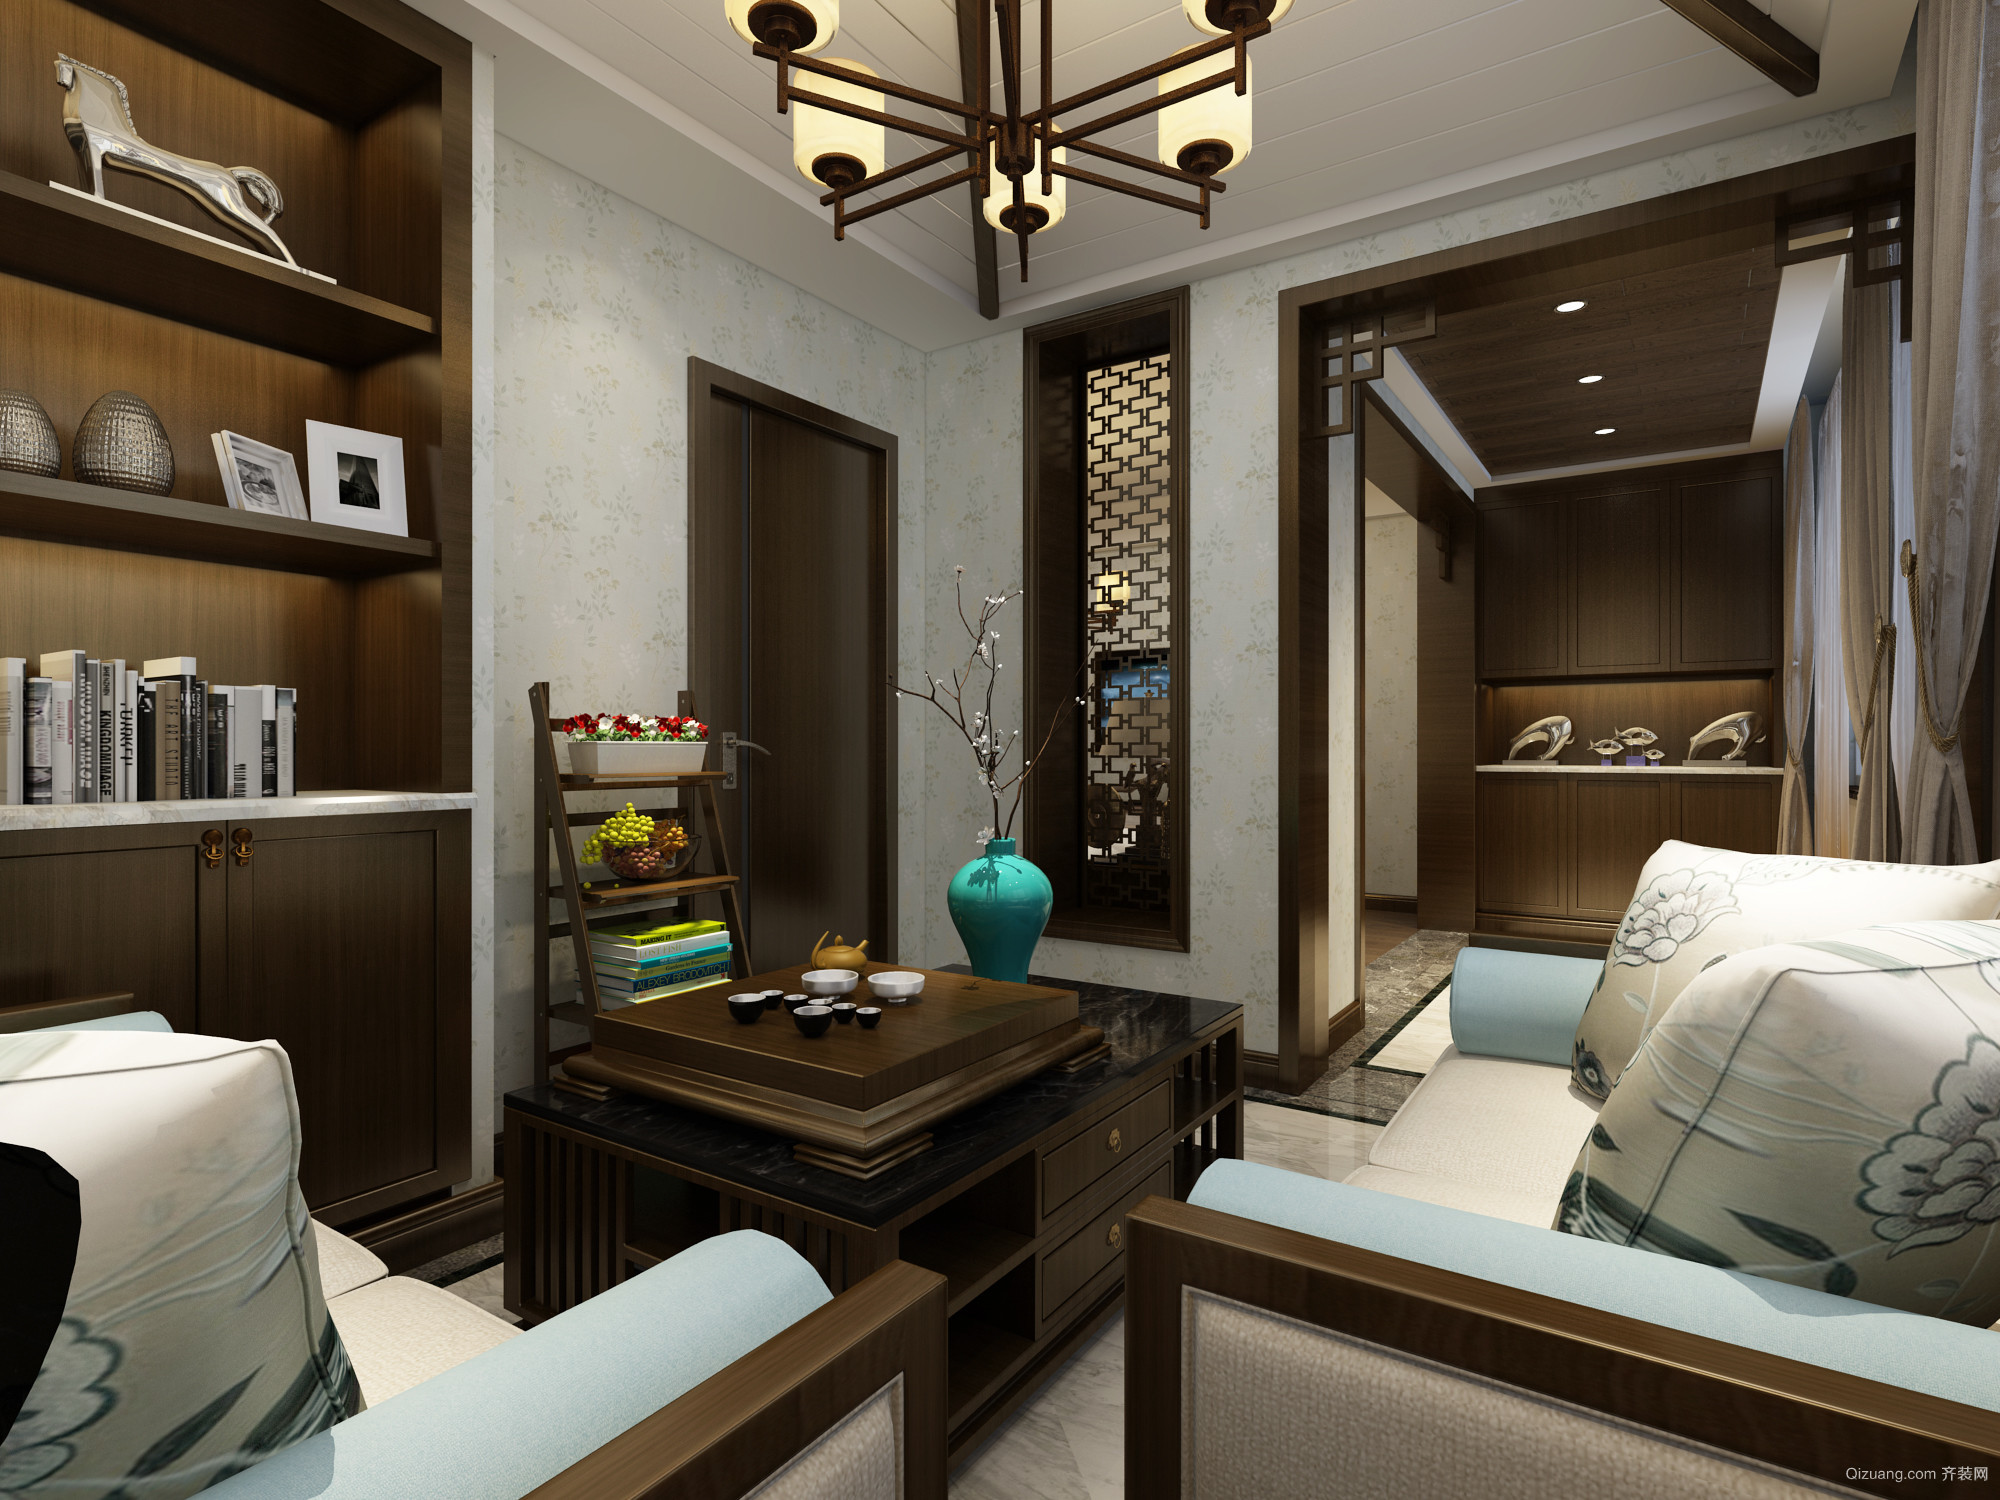 蓝海湾卡地亚中式风格装修效果图实景图